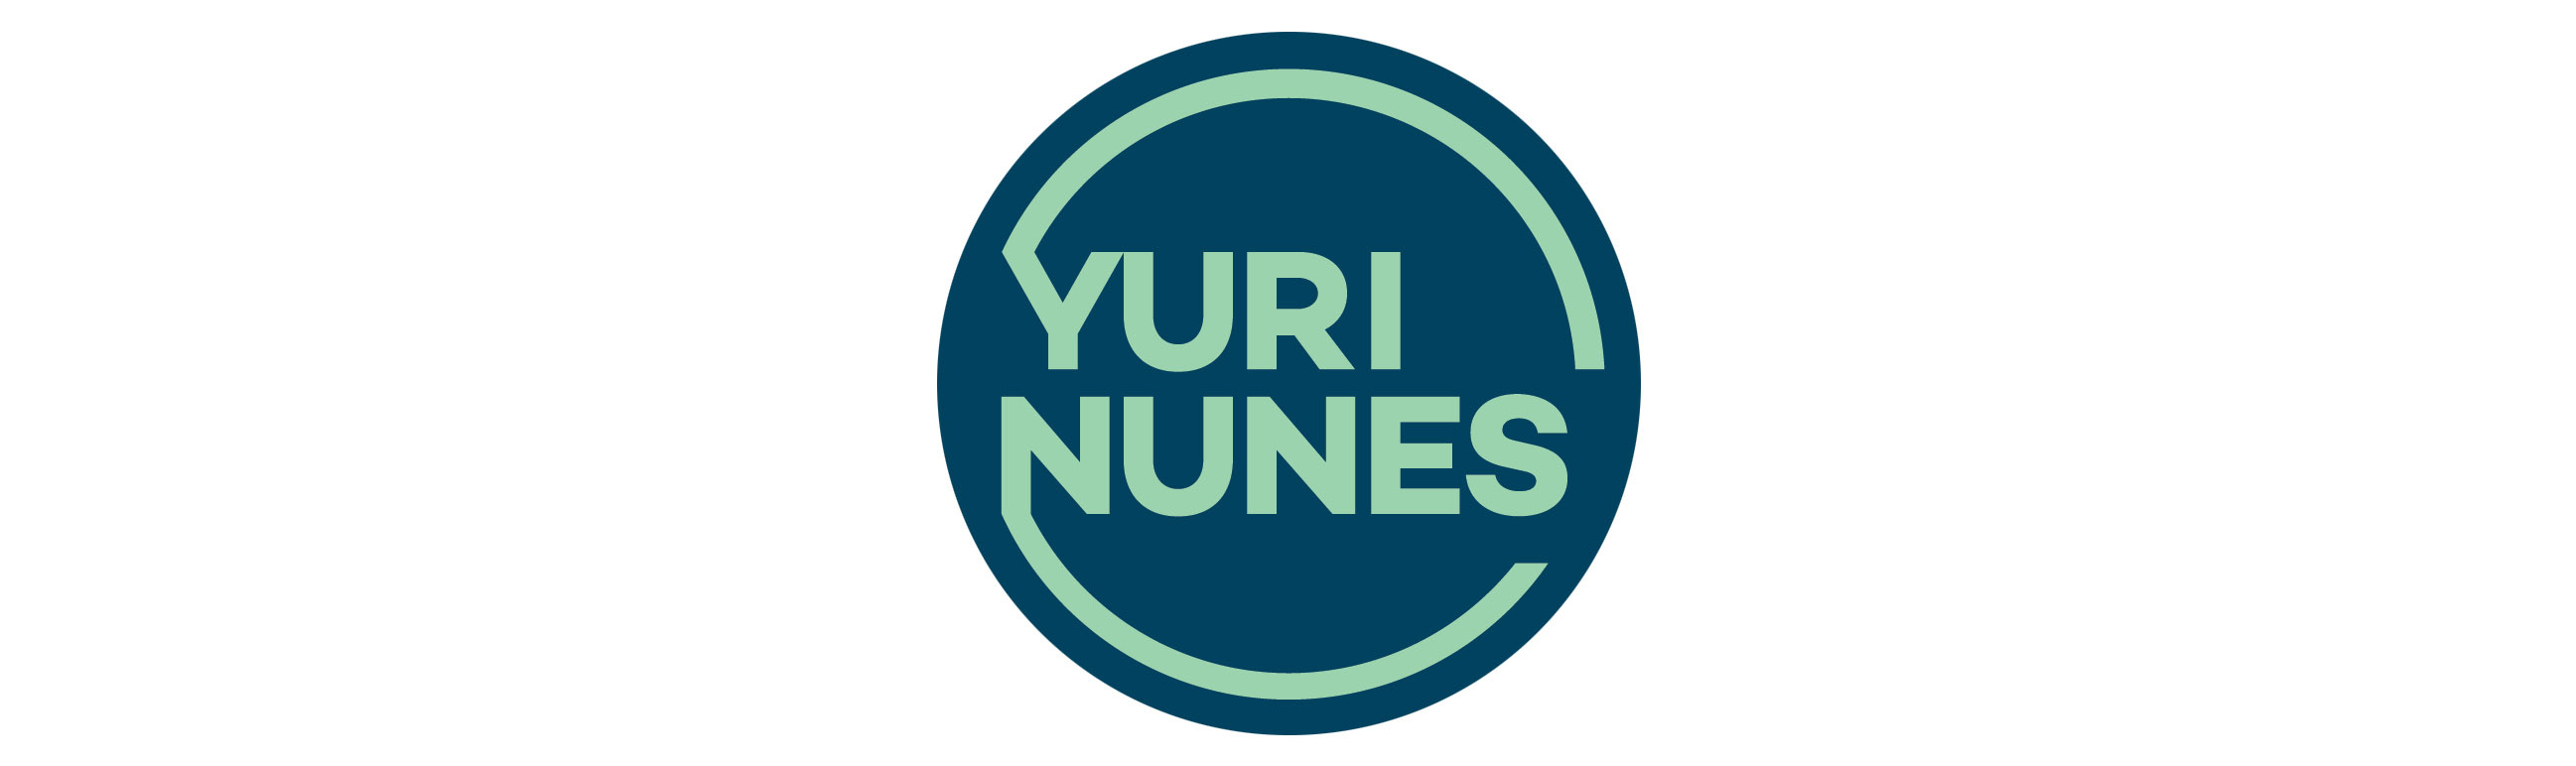 Contate Yuri Nunes-Fotografia de Casamento, ensaio e eventos em Bento Gonçalves-RS